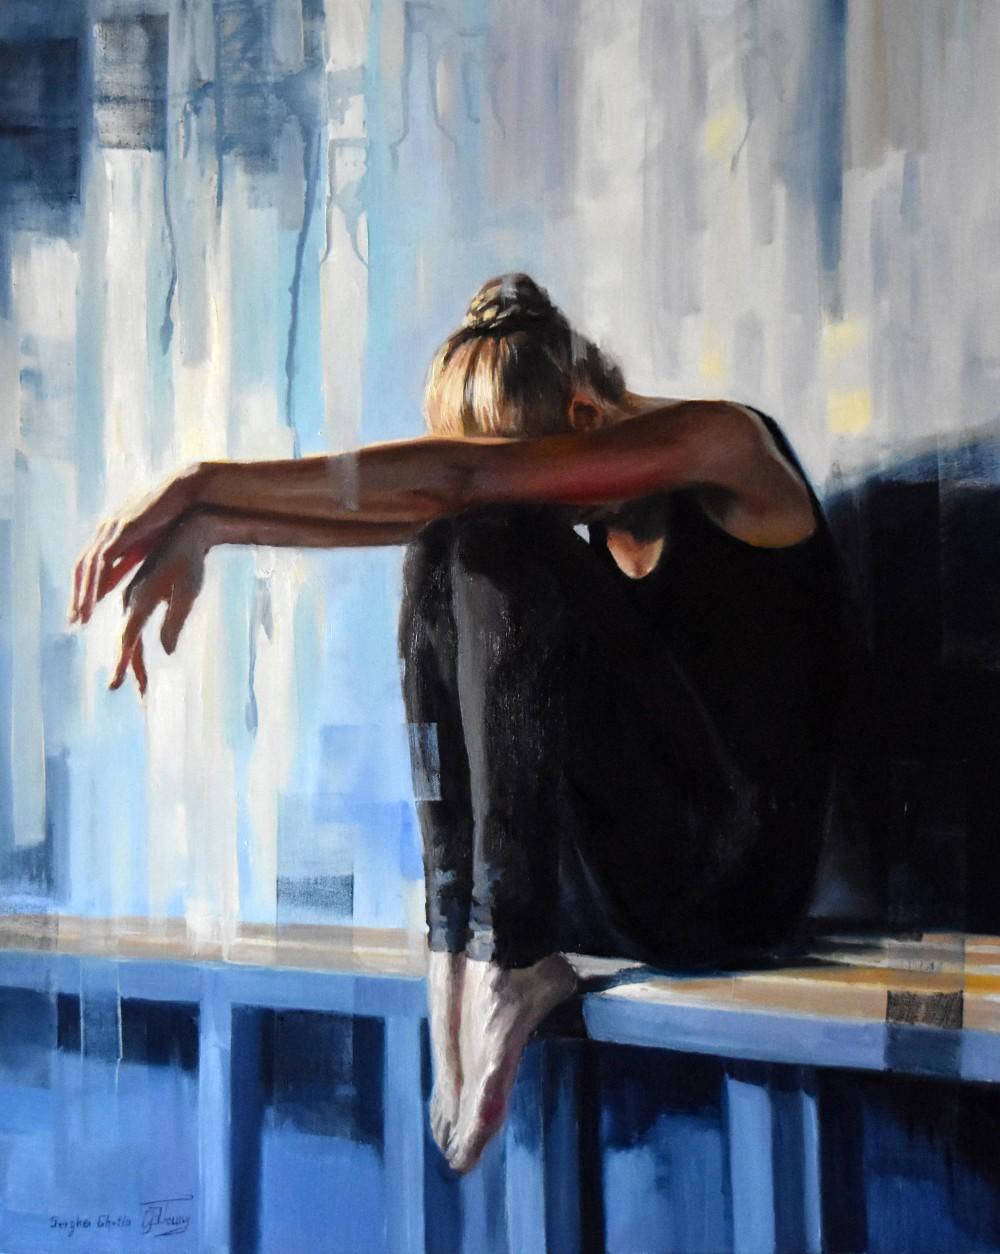 Ballerina, frustration